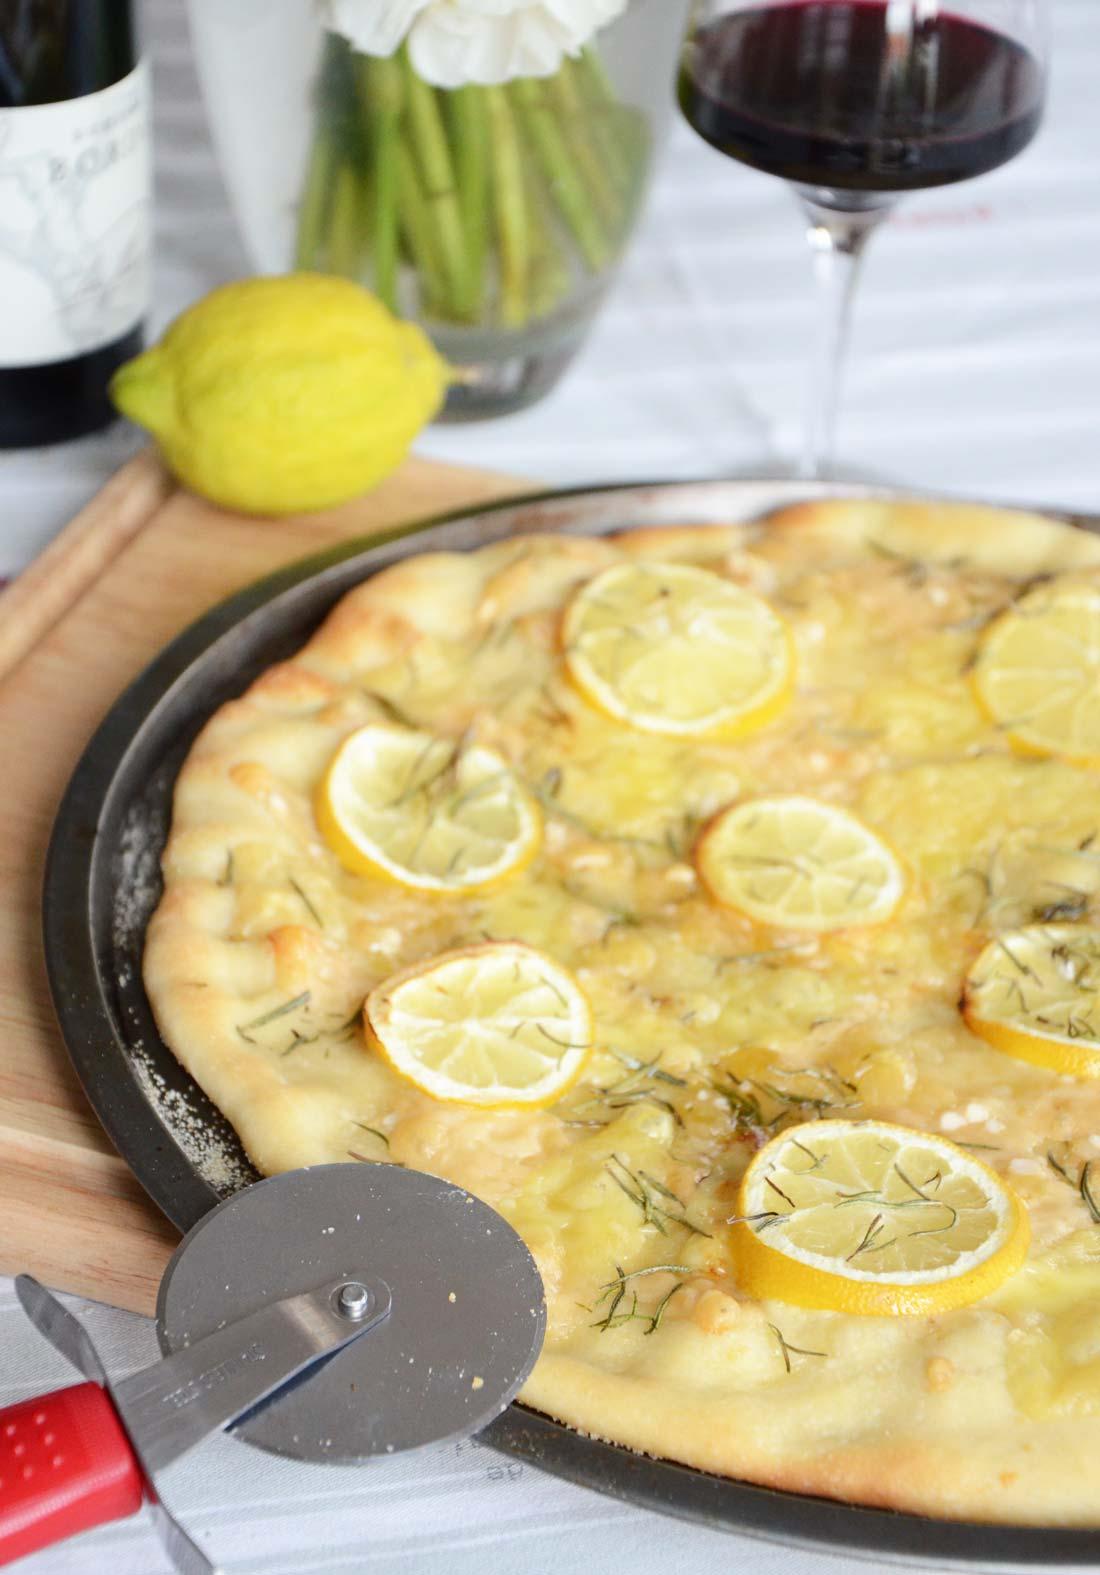 Pizza citron parmesan fait maison